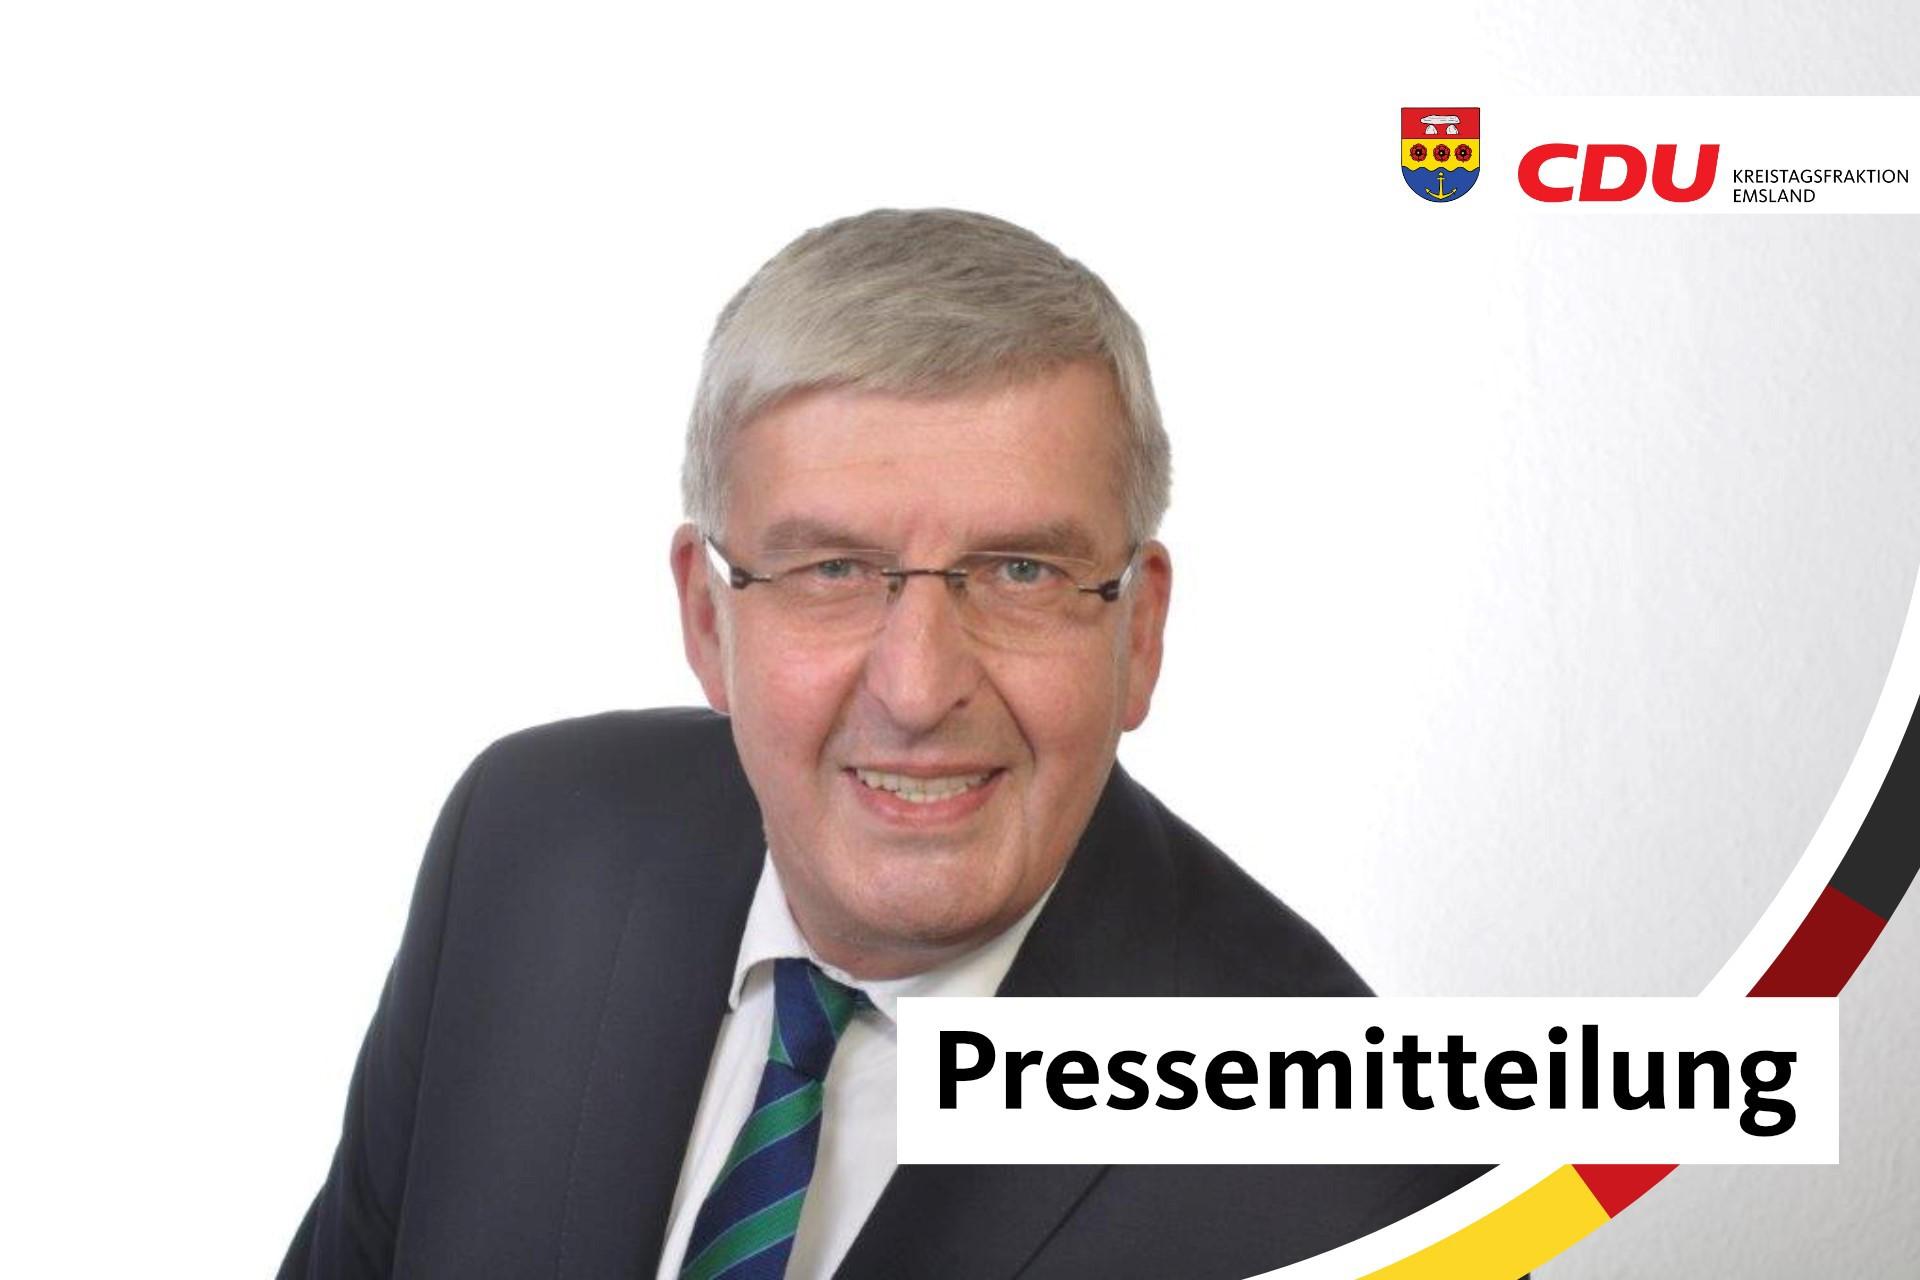 2021-06-28 Pressemitteilung Kreistagsfraktion 1